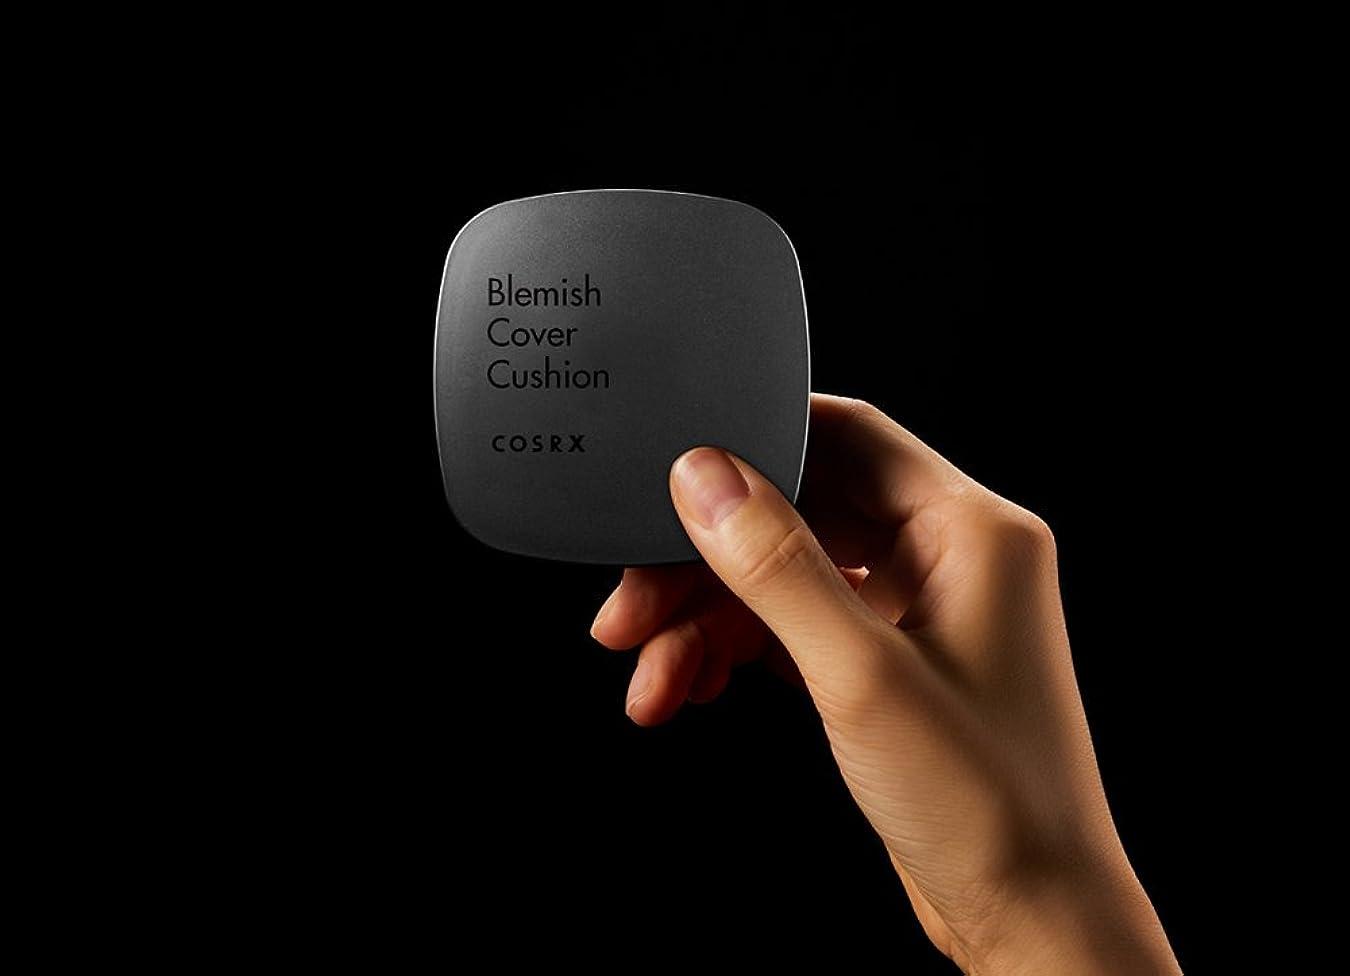 憂慮すべき対象封建[ RENEWAL!! ] COSRX Clear Cover Blemish Cushion 15g/COSRX クリアカバー ブレミッシュ クッション 15g (#21 bright) [並行輸入品]